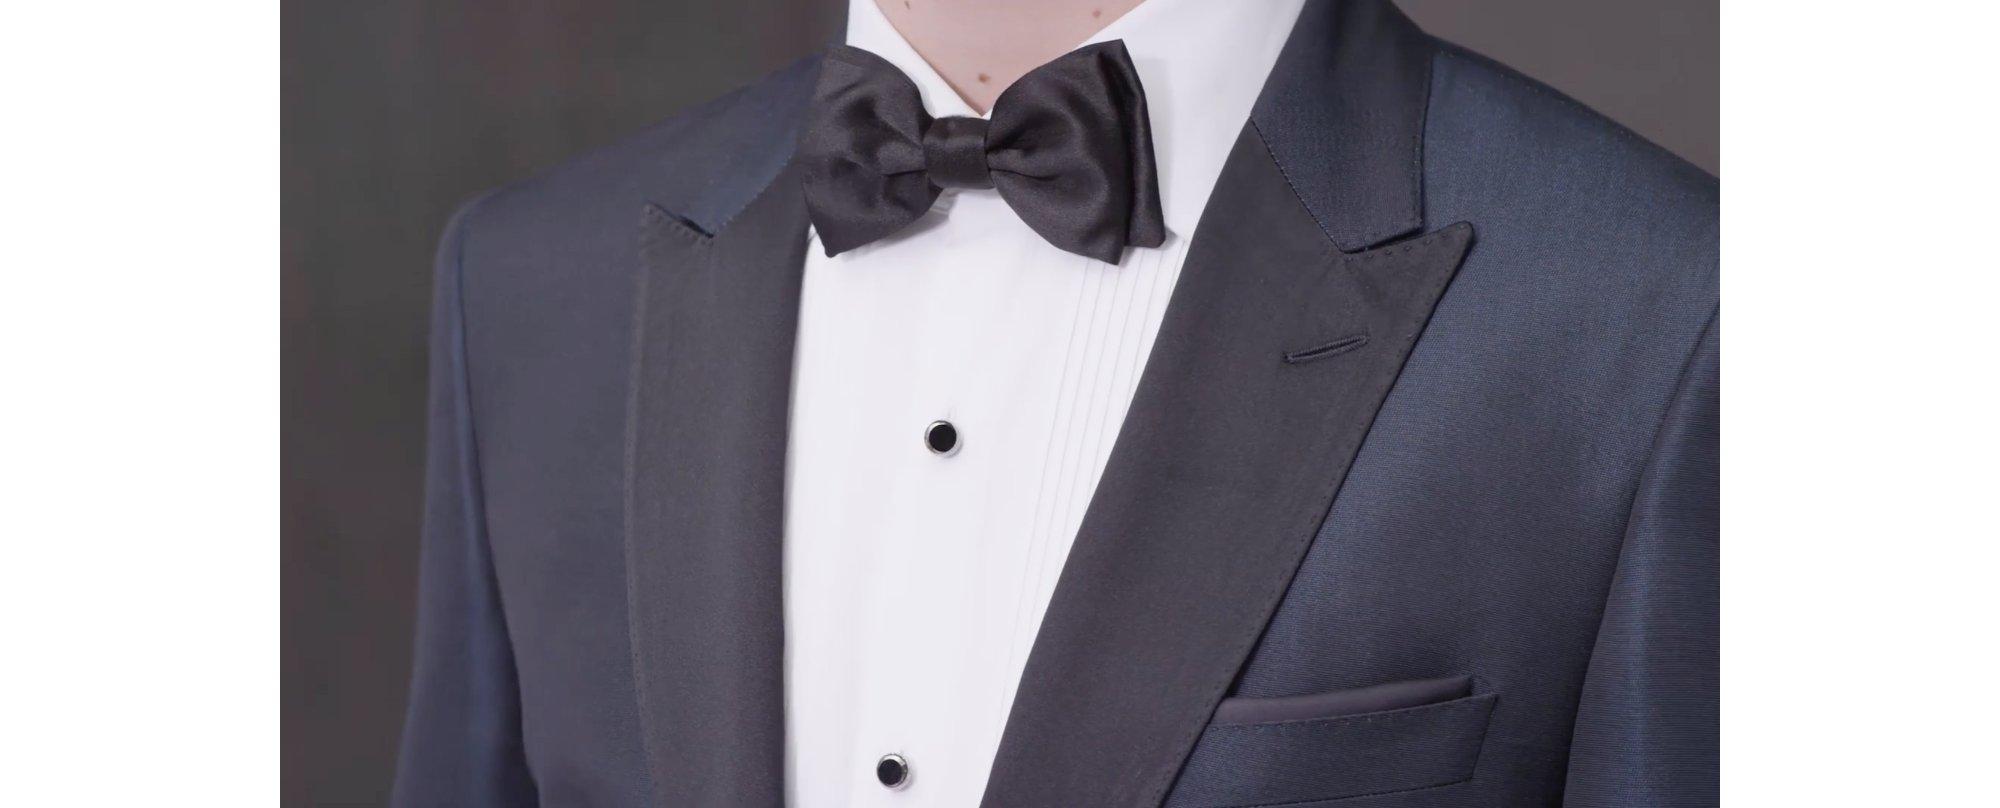 Suit by BOSS Meanswear